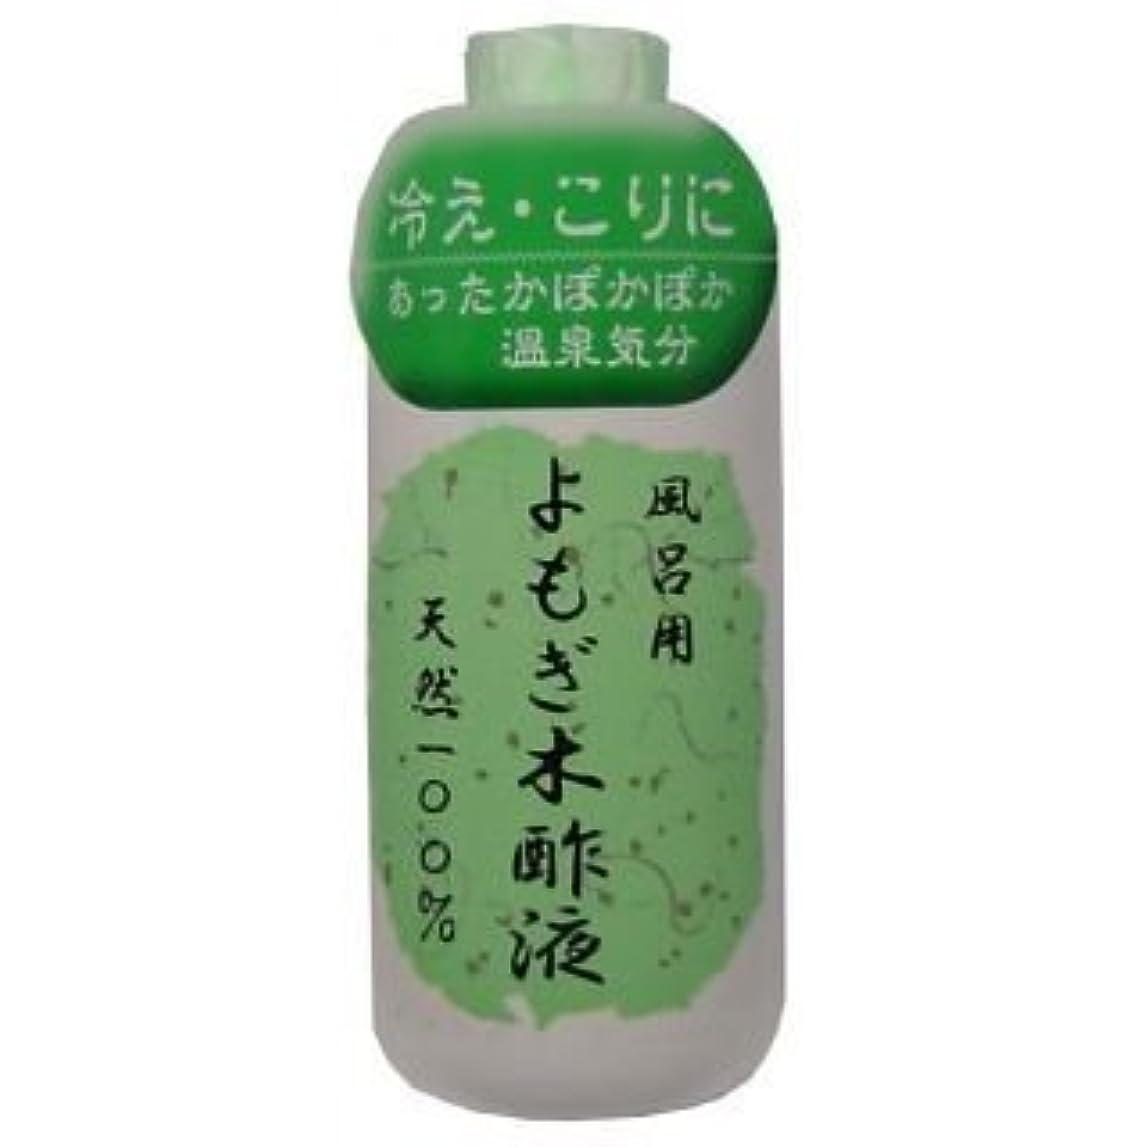 熟読するステープルスチール冷え?こりに!あったかぽかぽか温泉気分!よもぎと木酢液だけで作られた天然成分100%入浴剤!保温効果、冷えにも役立つ!490mL